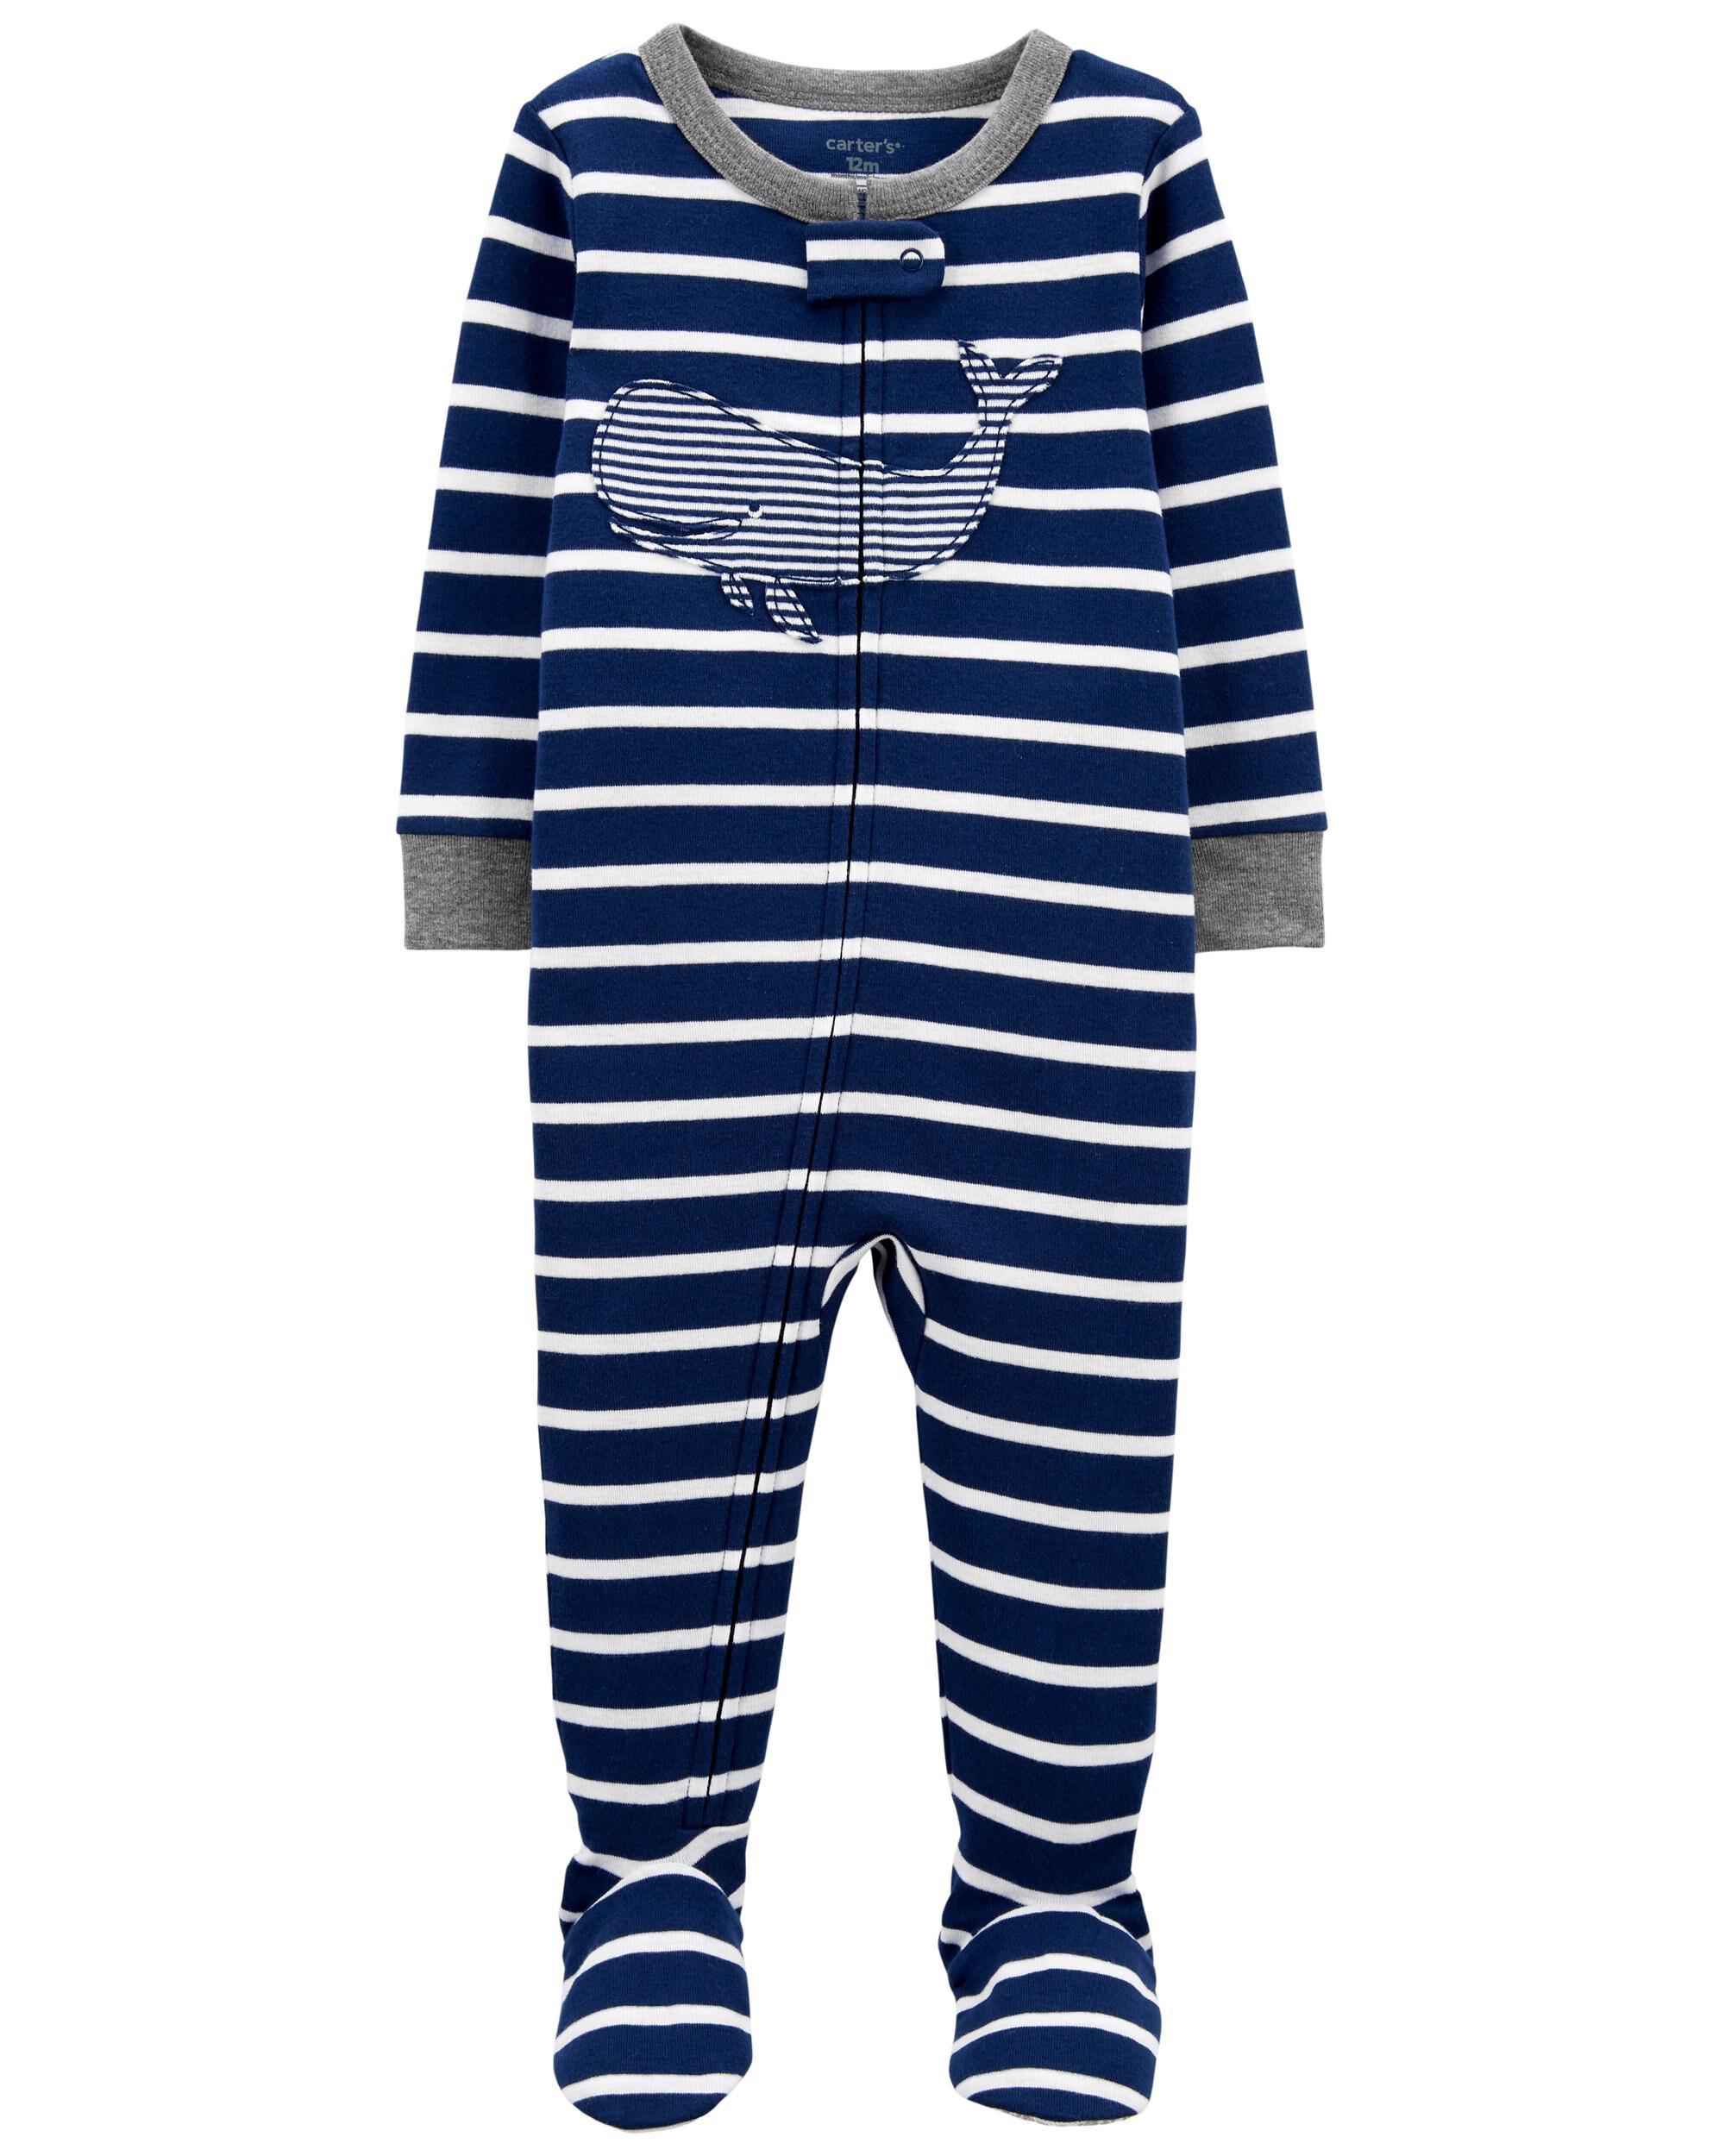 Carters 1-Piece Whale 100% Snug Fit Cotton Footie PJs